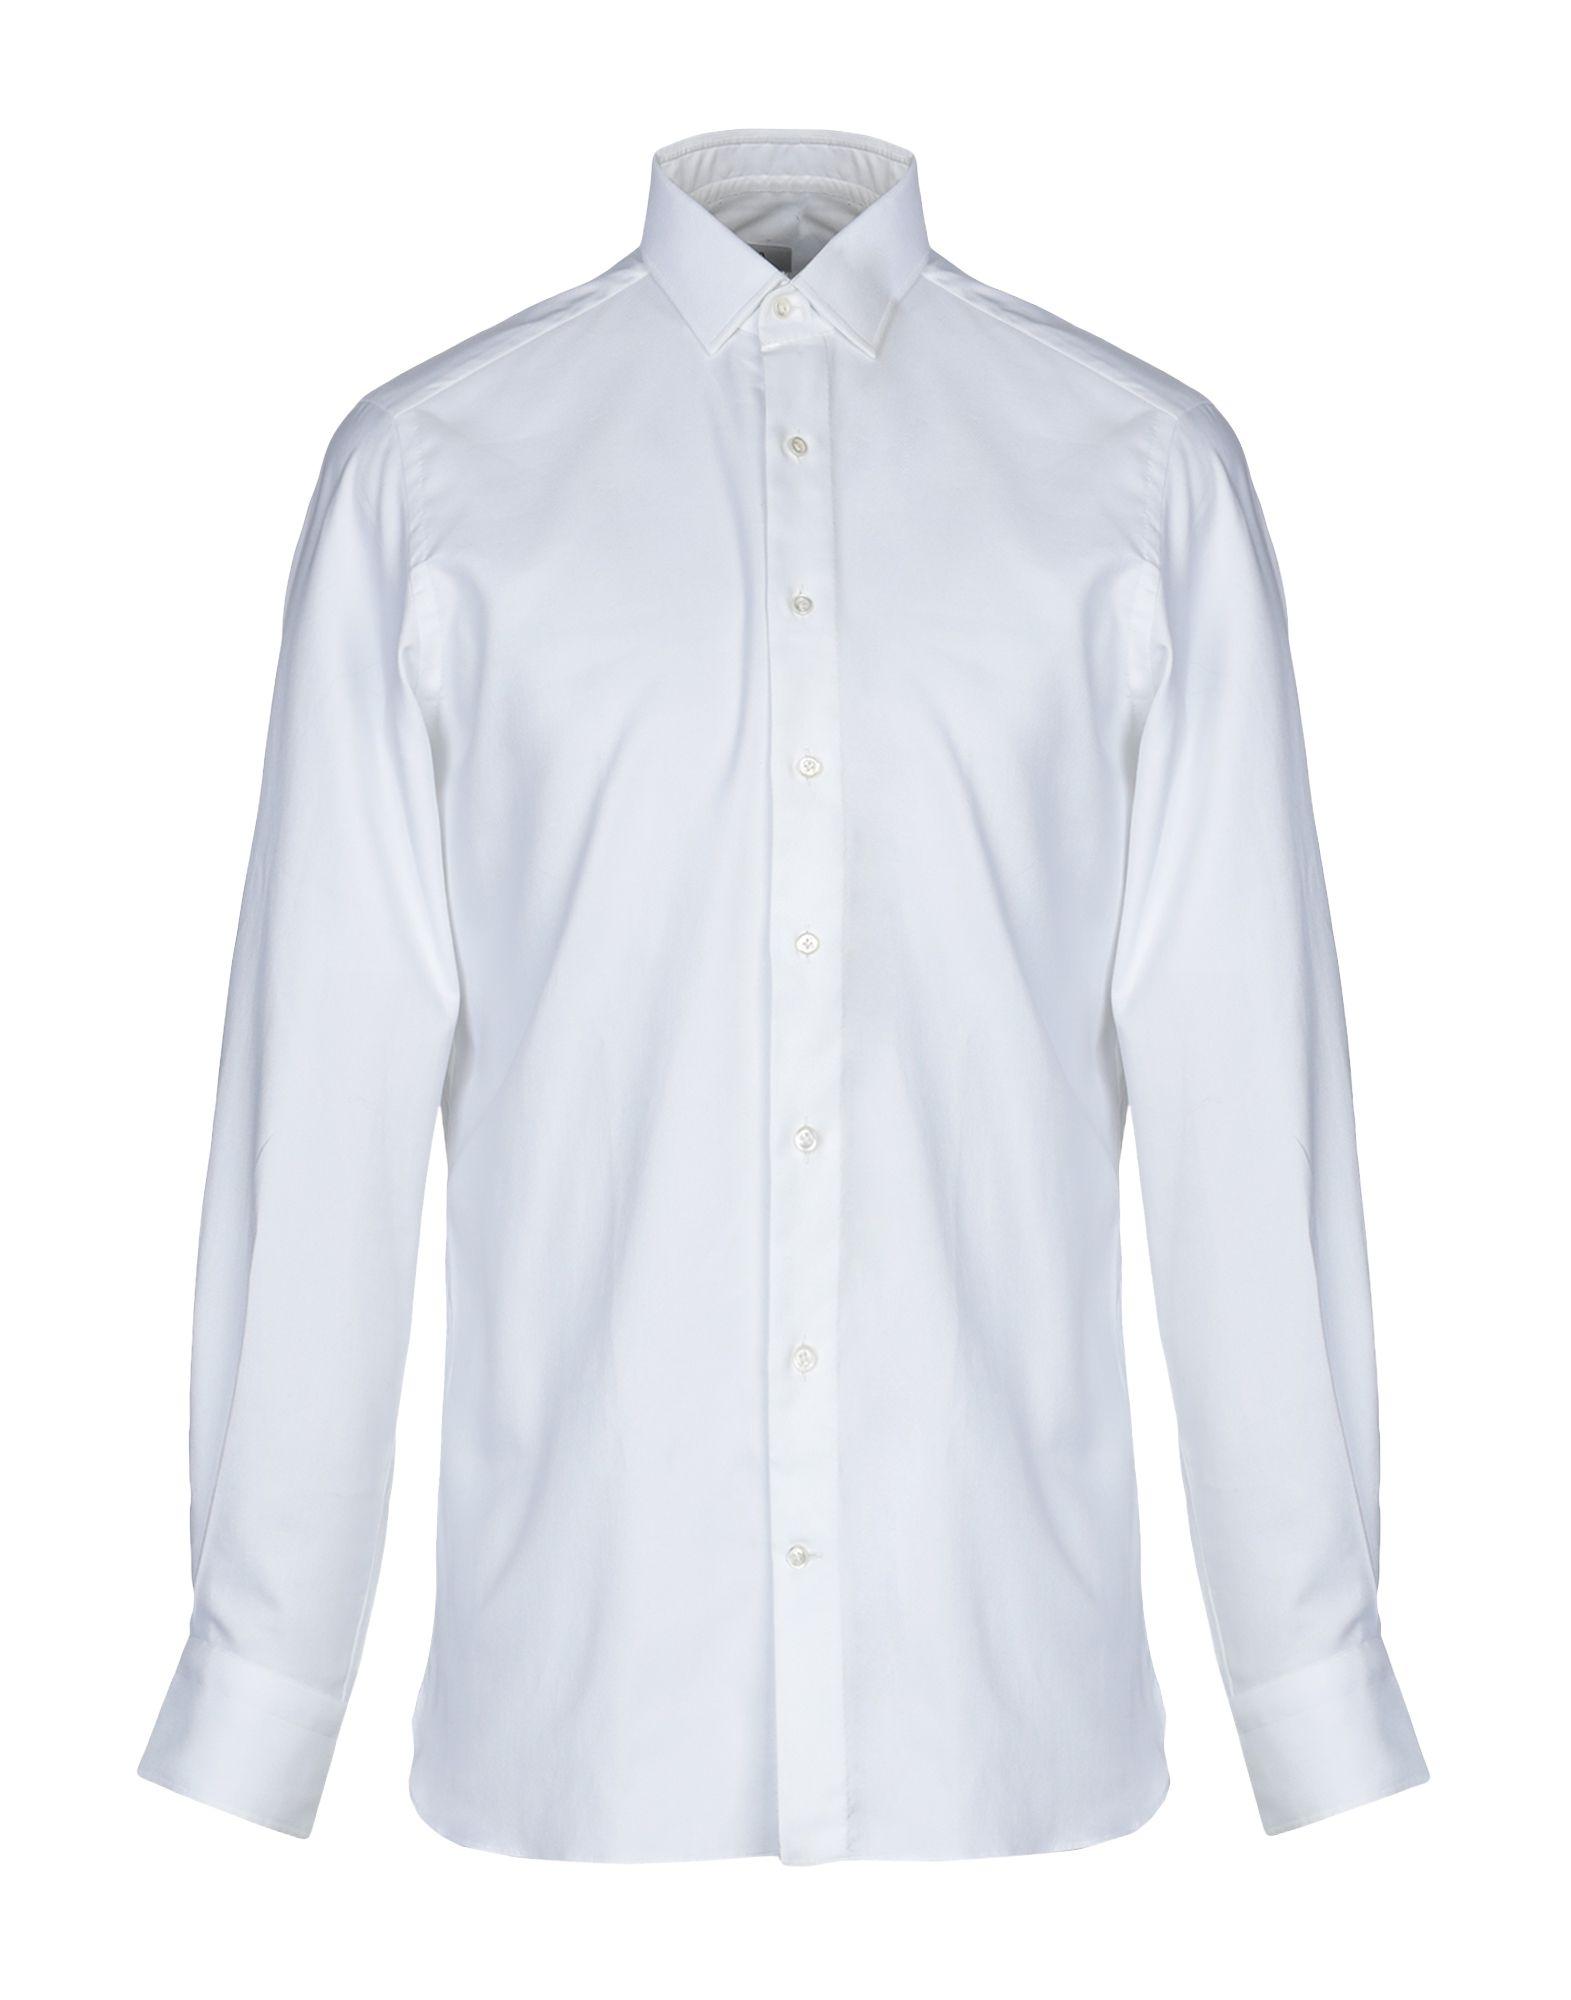 《送料無料》100 HANDS メンズ シャツ ホワイト 40 コットン 100%